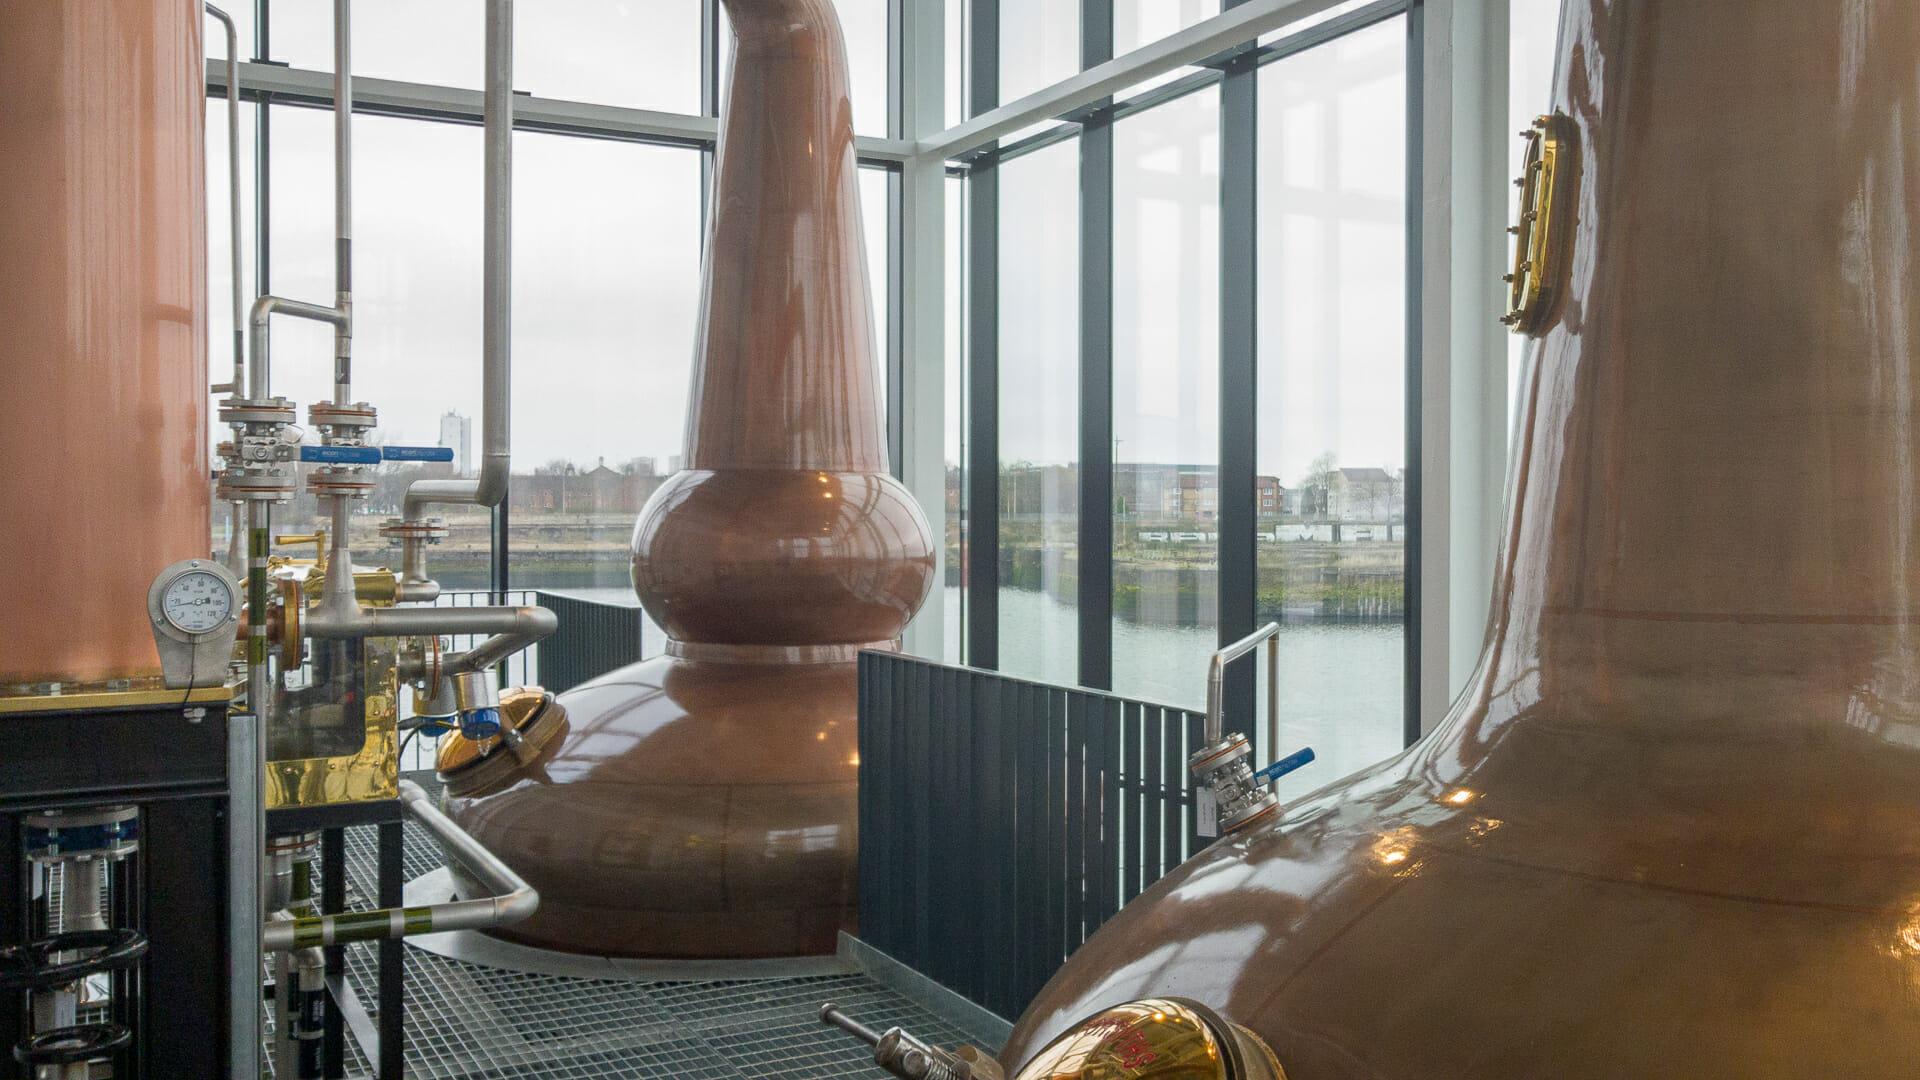 Brennblasen der Clydeside Distillery